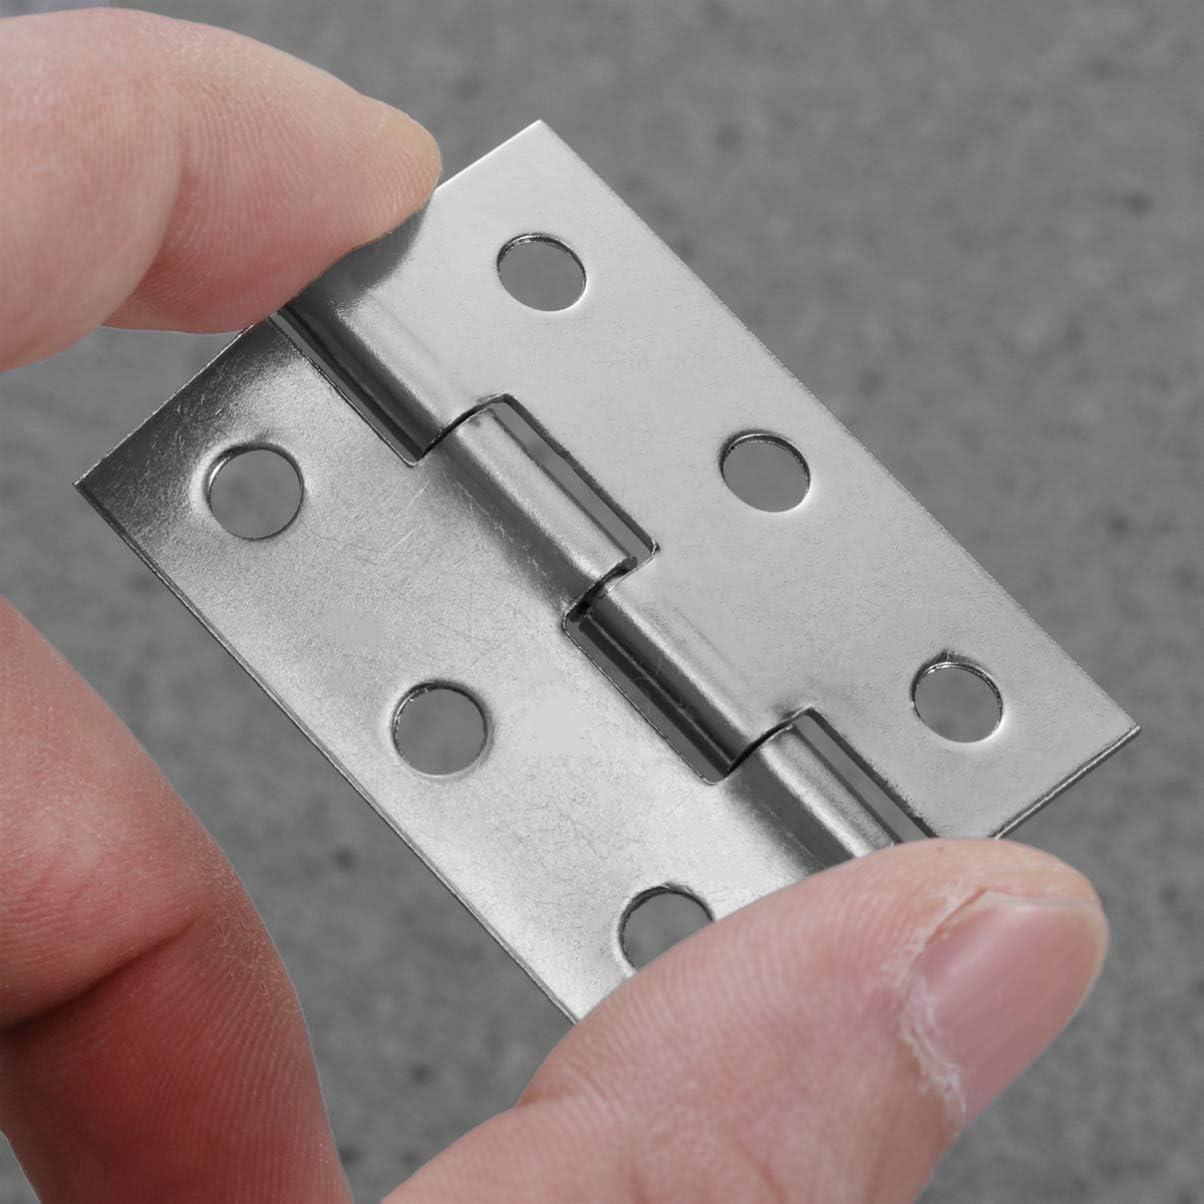 LIOOBO 30pcs durable en acier inoxydable ressort charni/ère-feuille muet charni/ère plate porte charni/ère pour porte fen/être fen/être 2 pouces